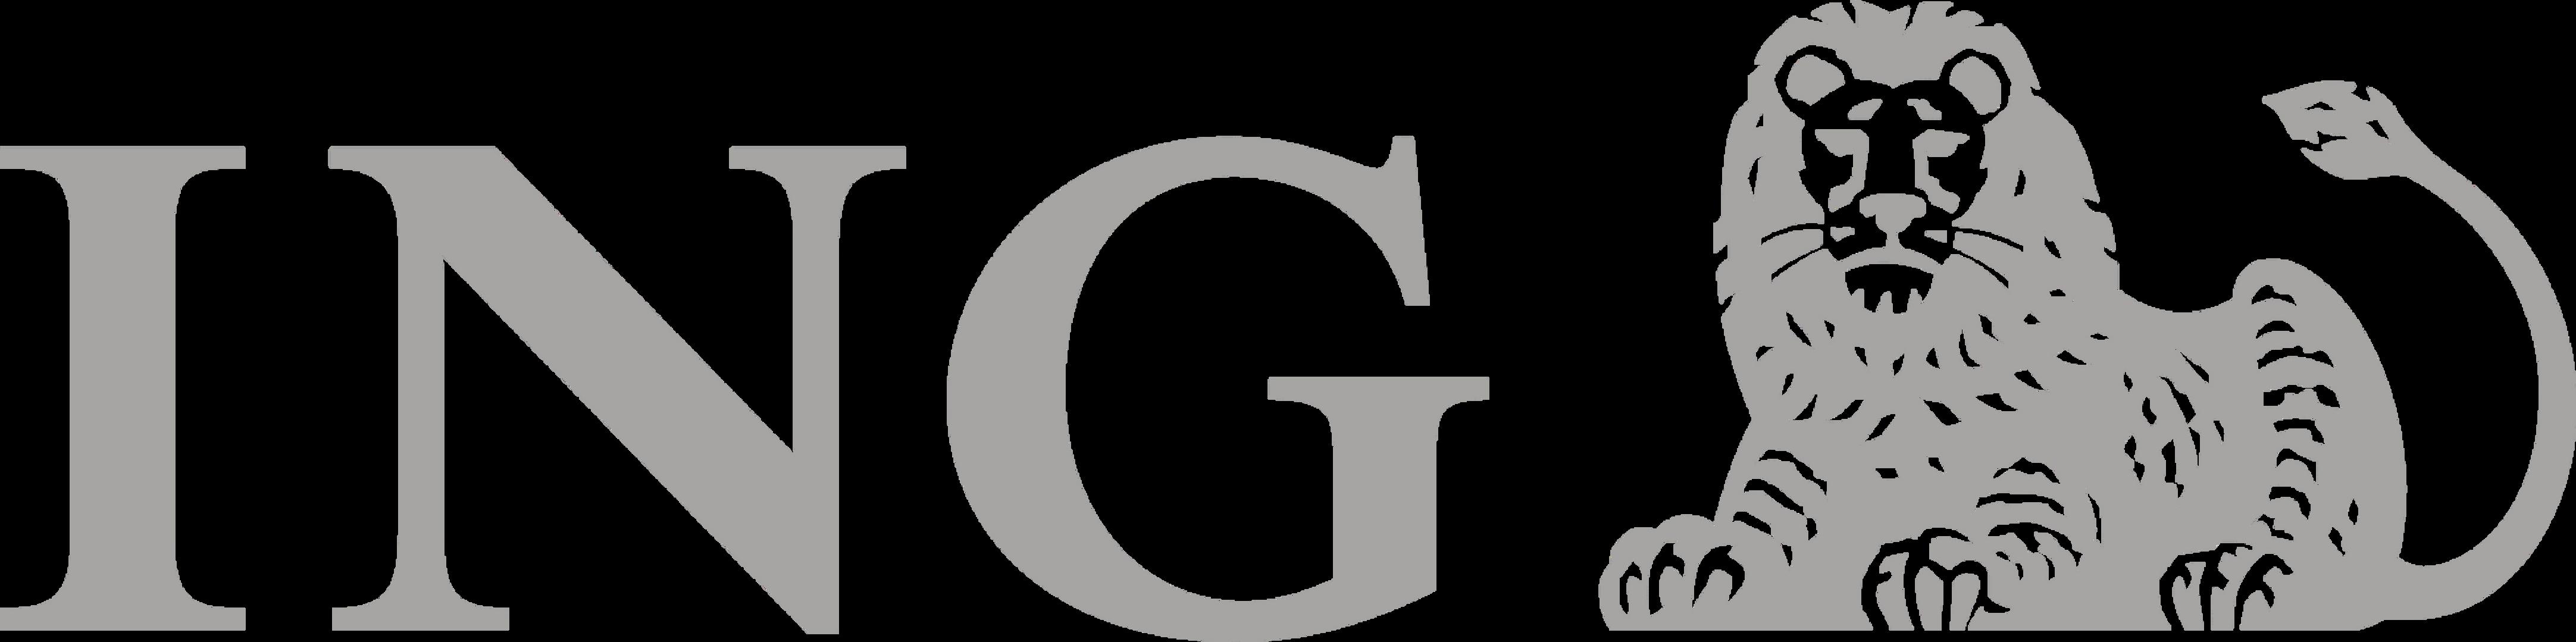 grey-ING_logo.png